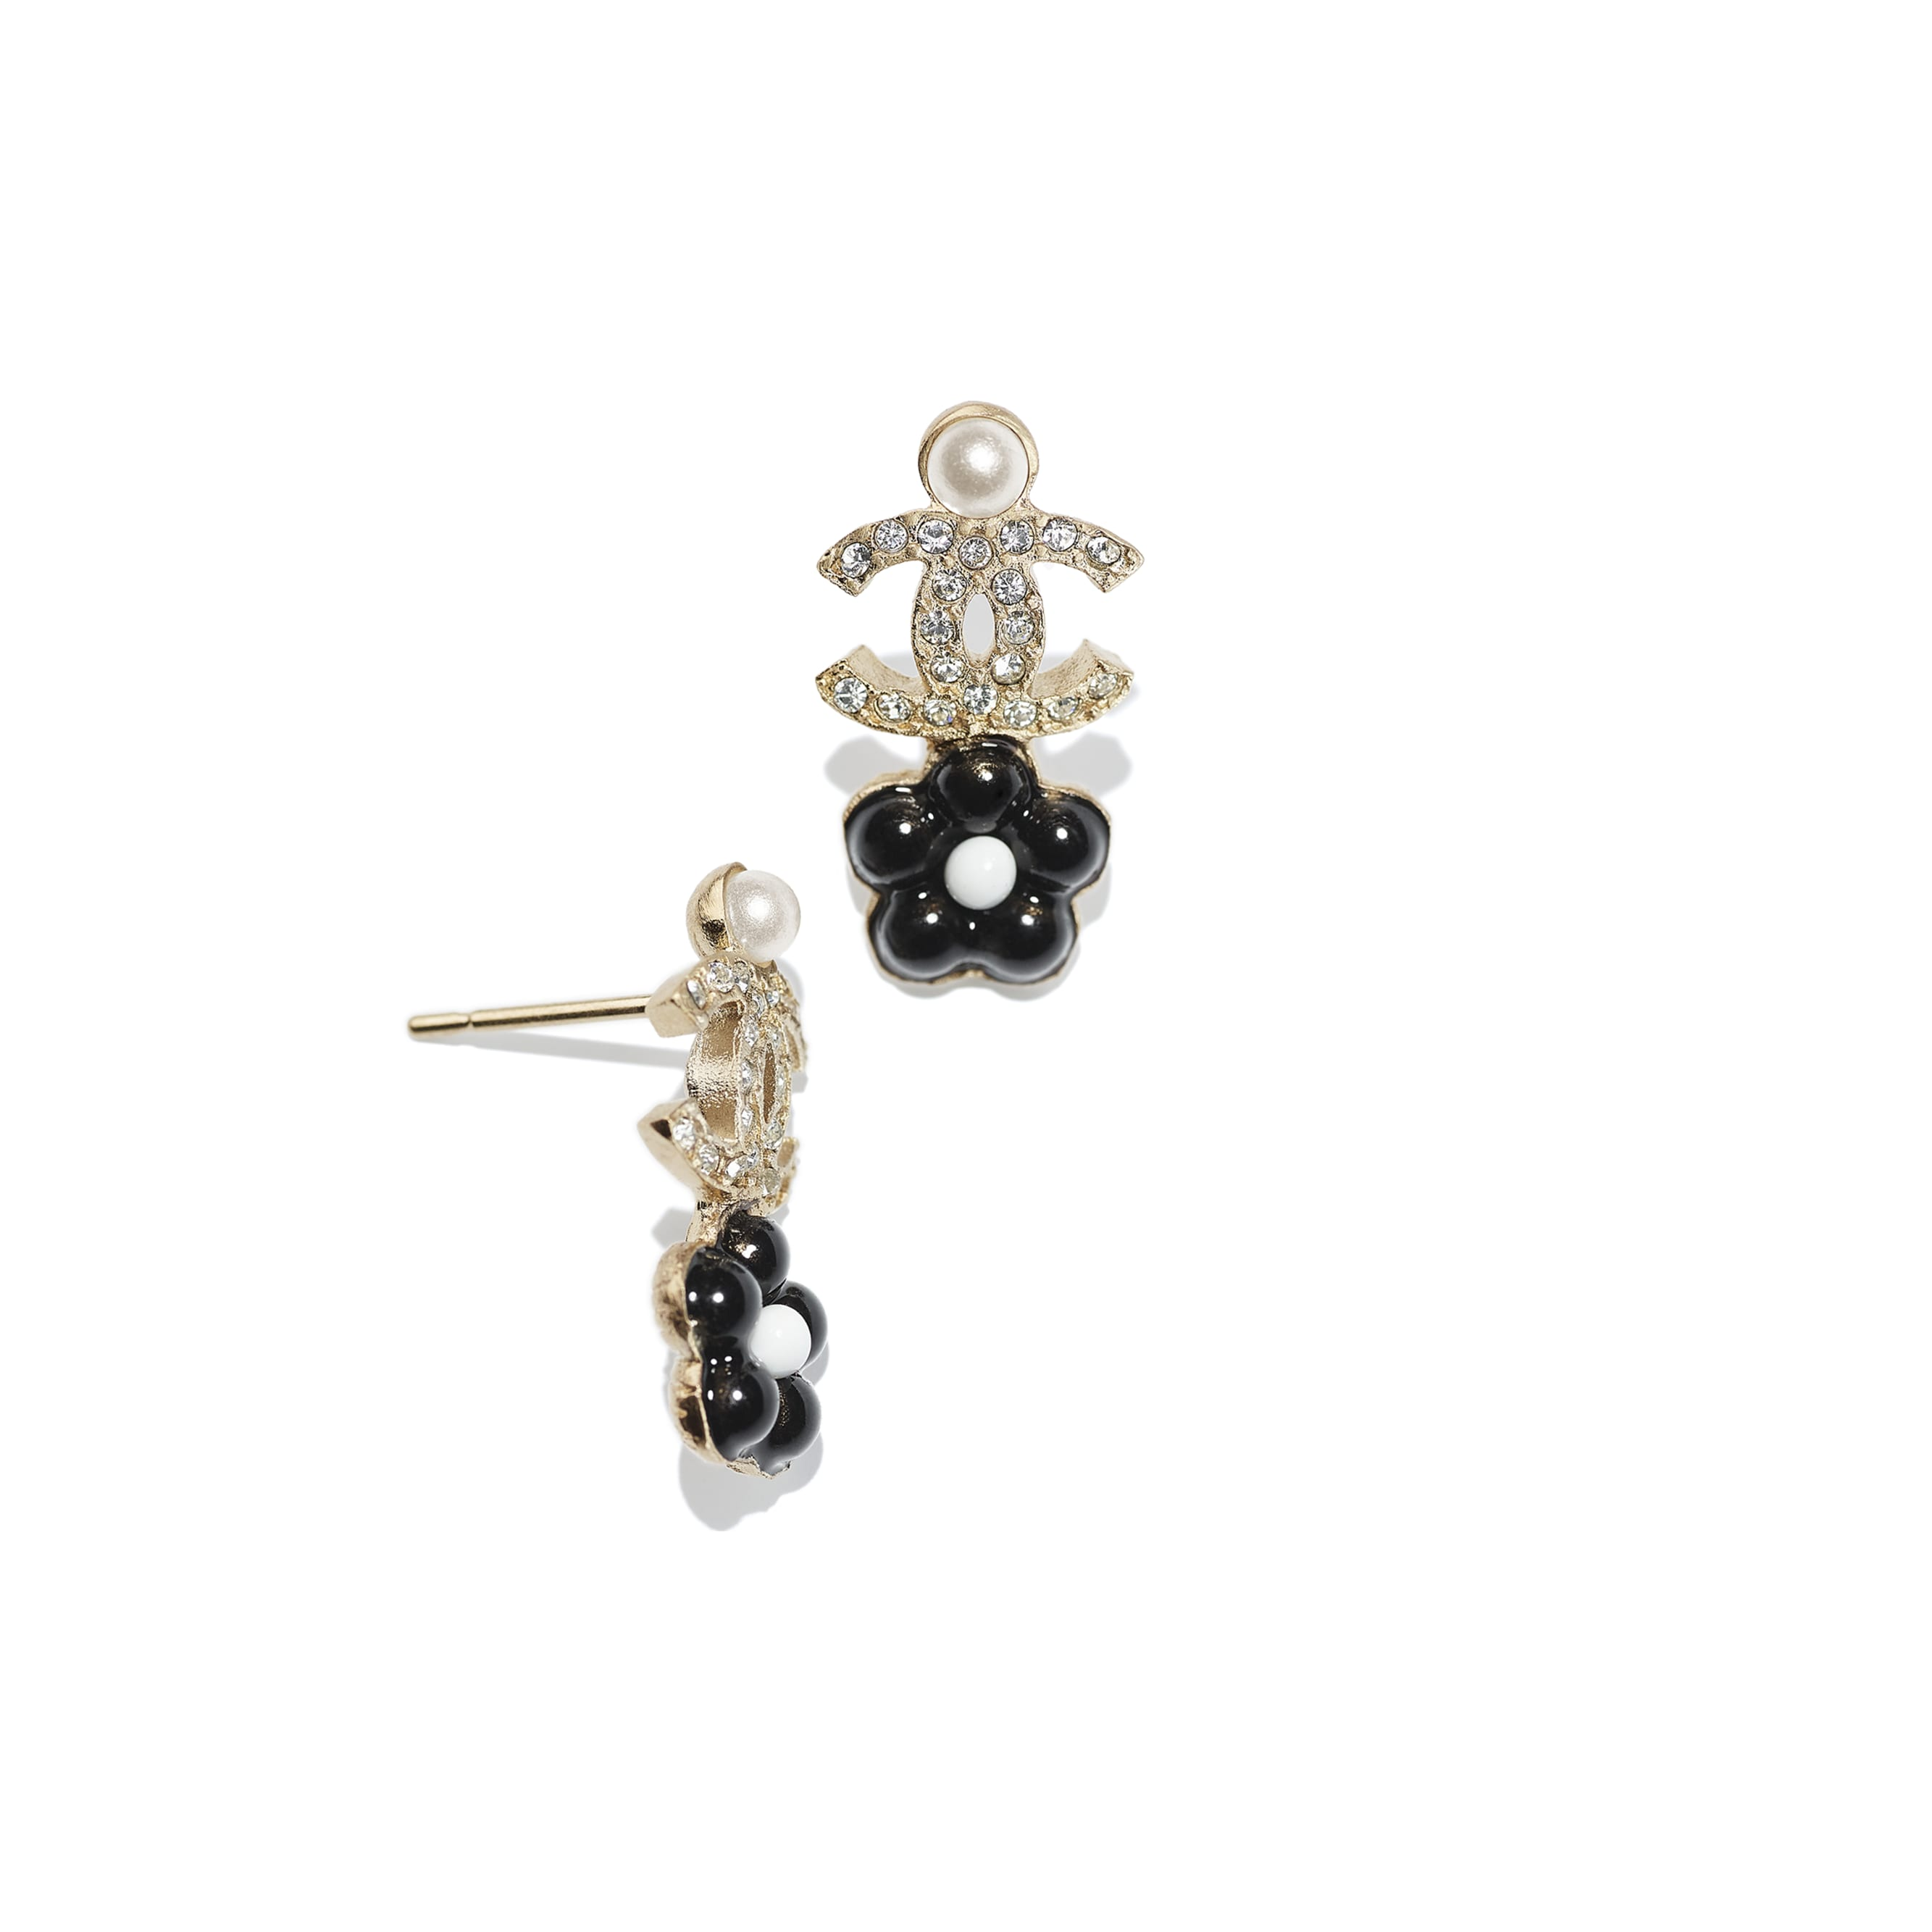 耳環 - 金、珍珠白、水晶與黑 - 金屬、琉璃珠與水鑽 - CHANEL - 替代視圖 - 查看標準尺寸版本